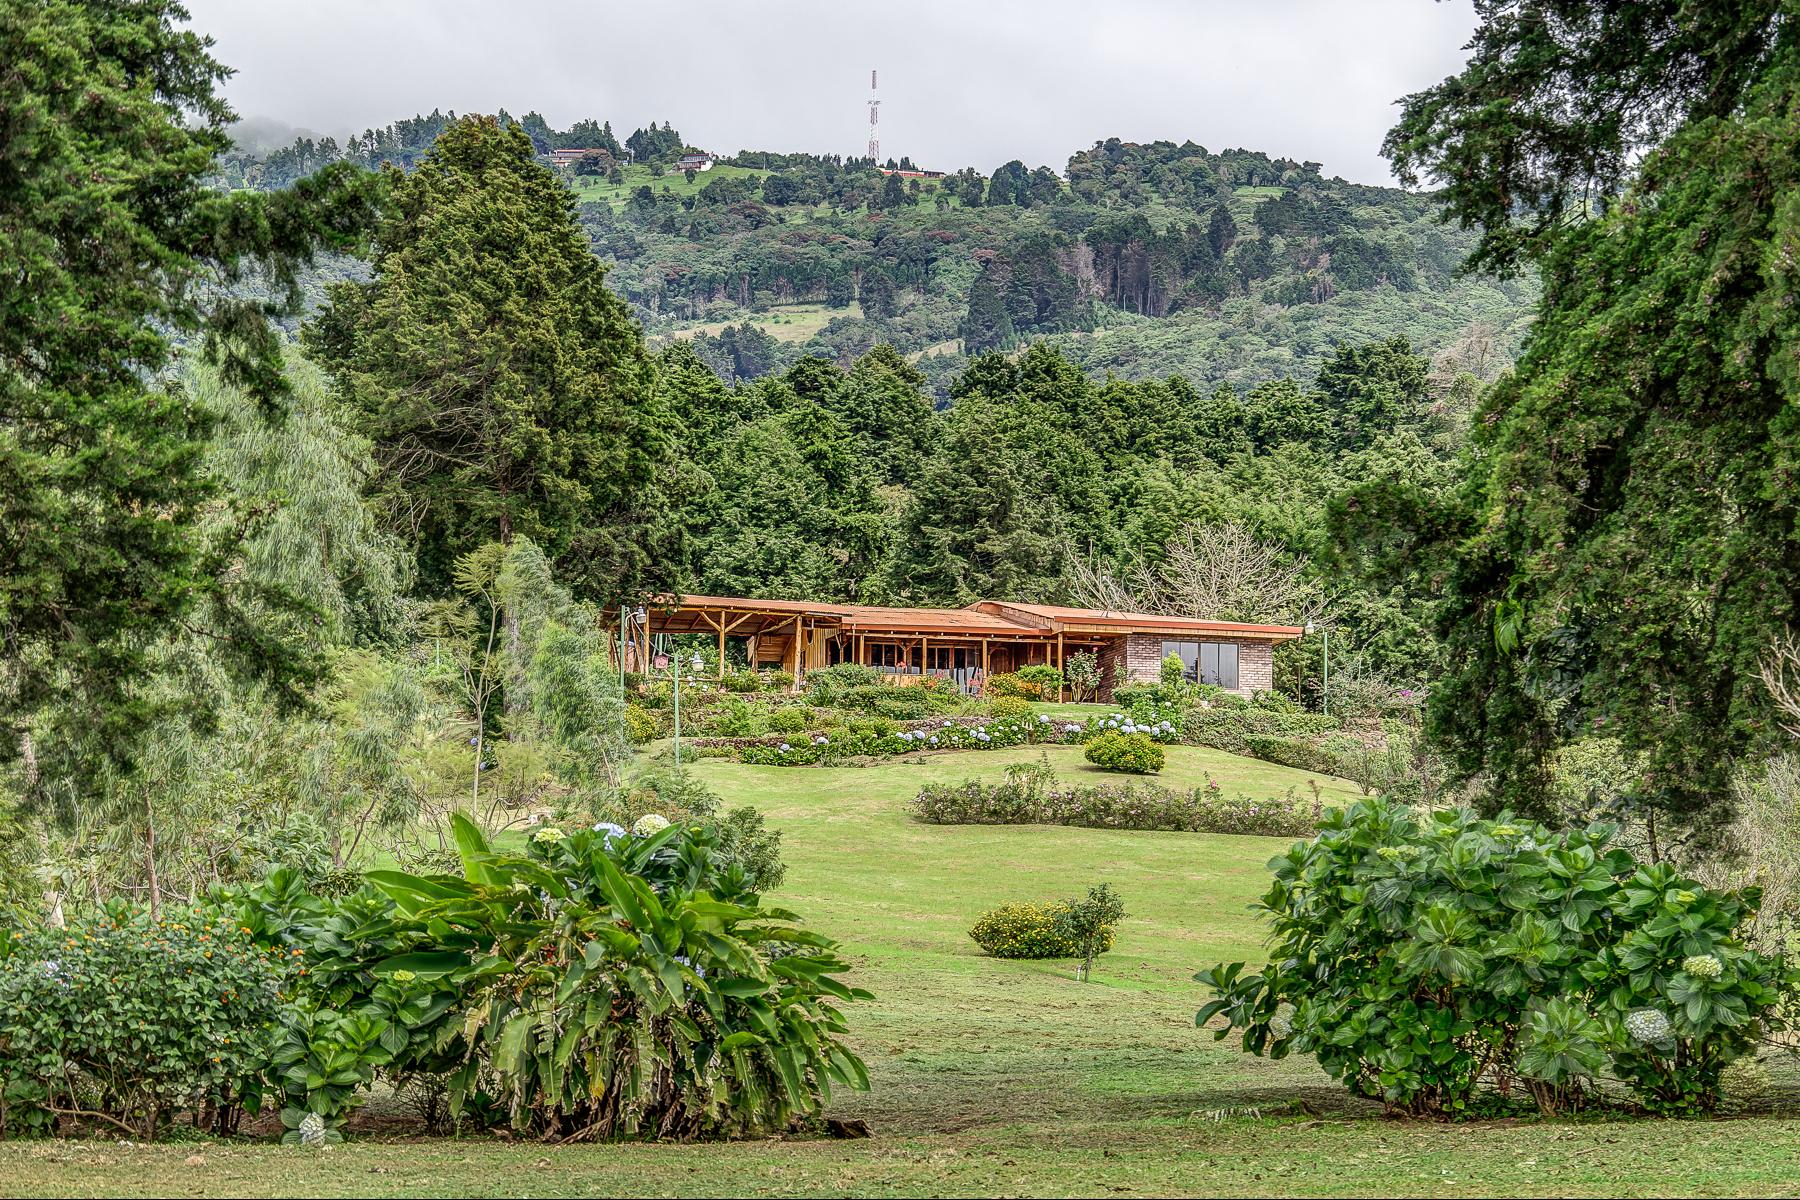 独户住宅 为 销售 在 Poas Volcano Cabin 波阿斯火山, 阿拉胡埃拉, 20802 哥斯达黎加